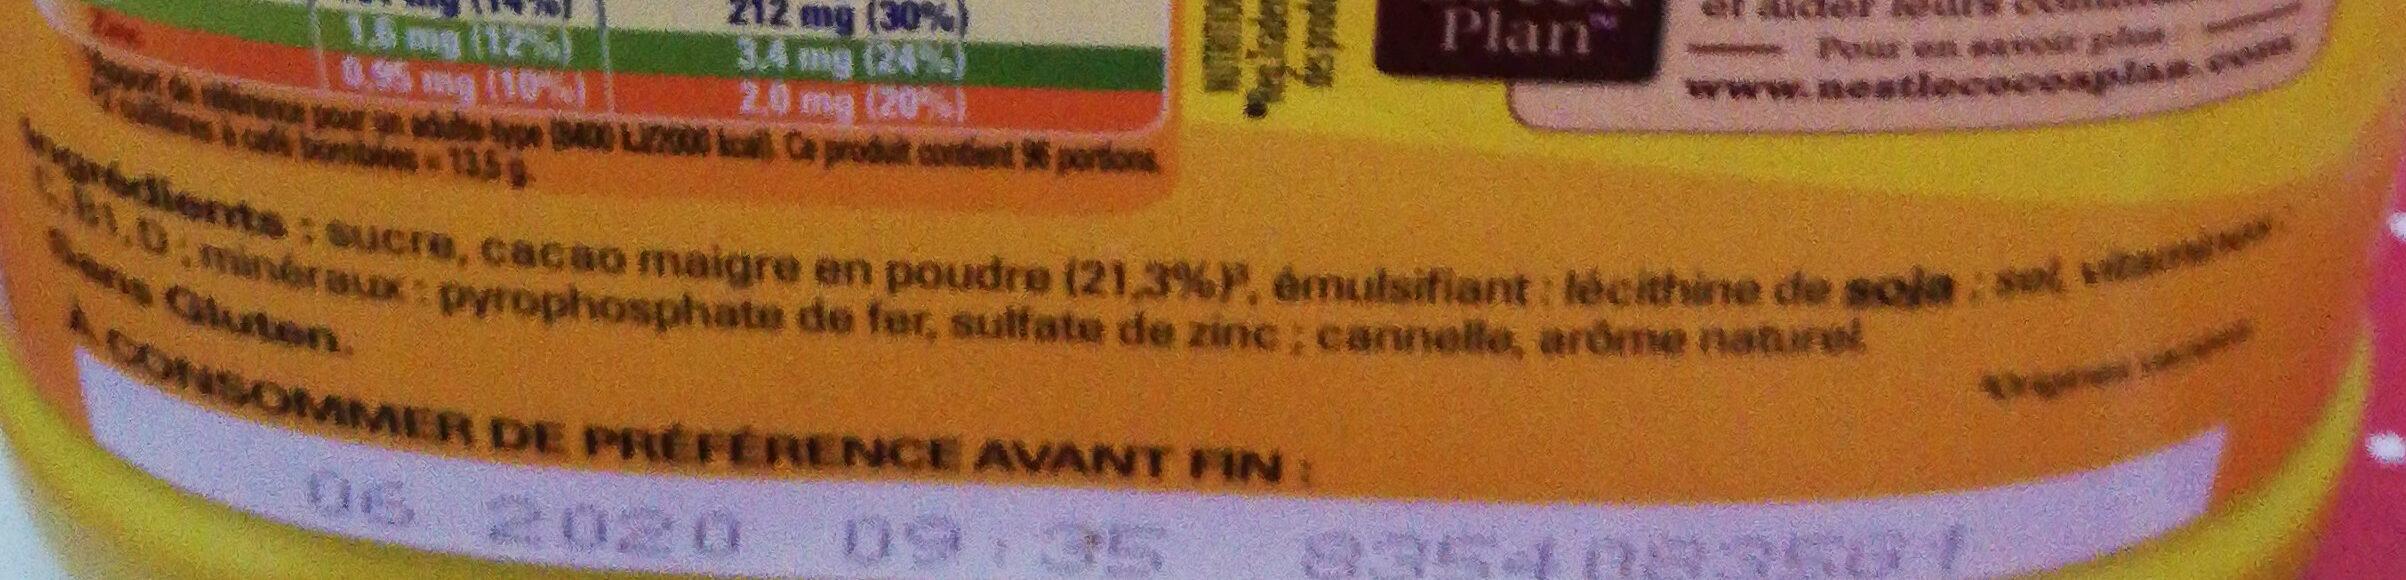 Nesquik - Ingredients - fr